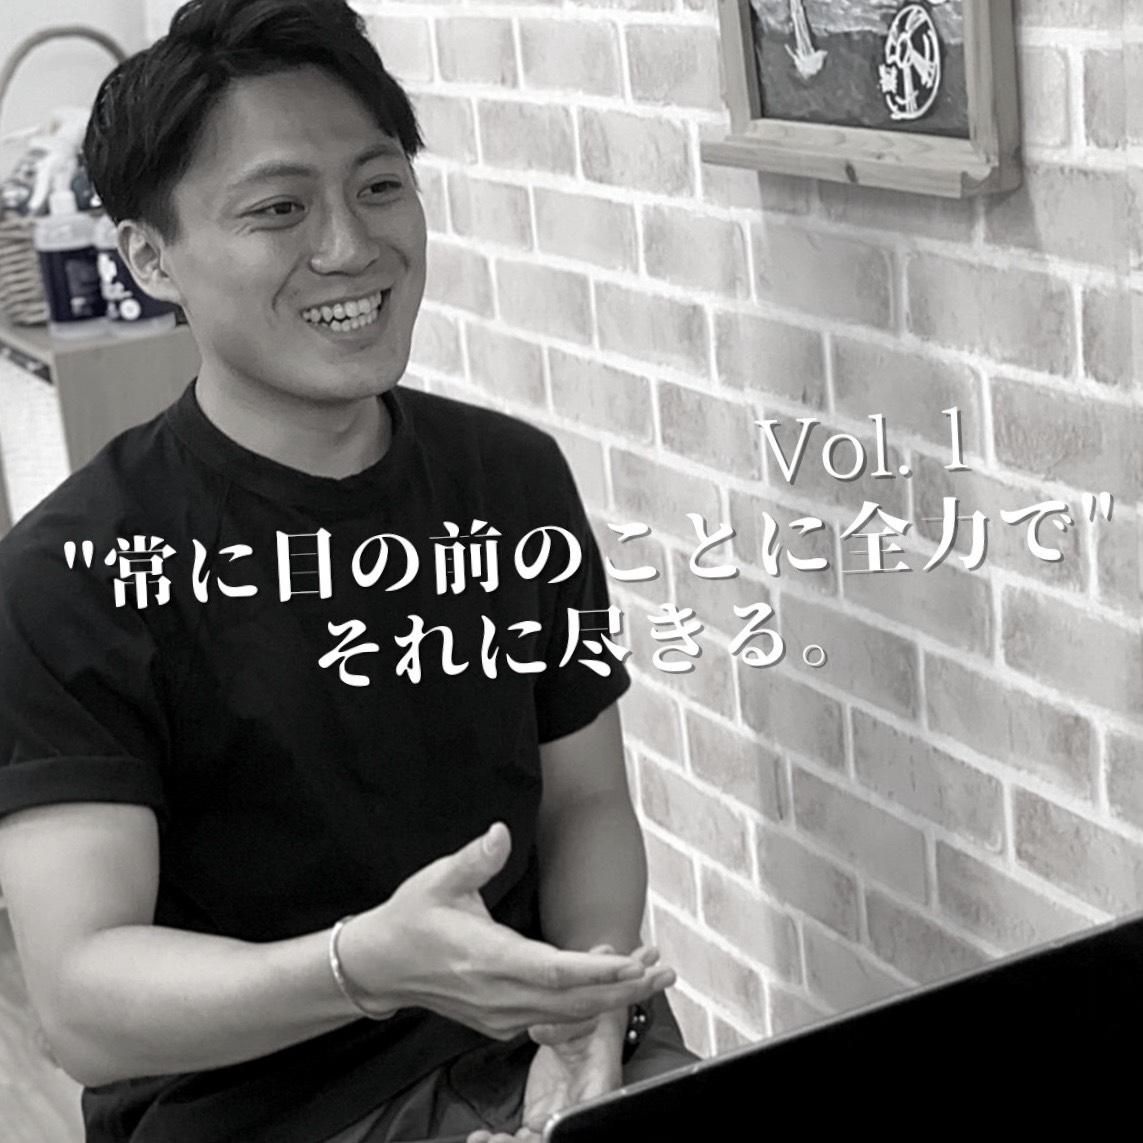 【福岡オフィス】チアフルOBOGである16卒の大庭さんにインタビューしました! 〜サイバーエージェントで働いていて思うこと〜